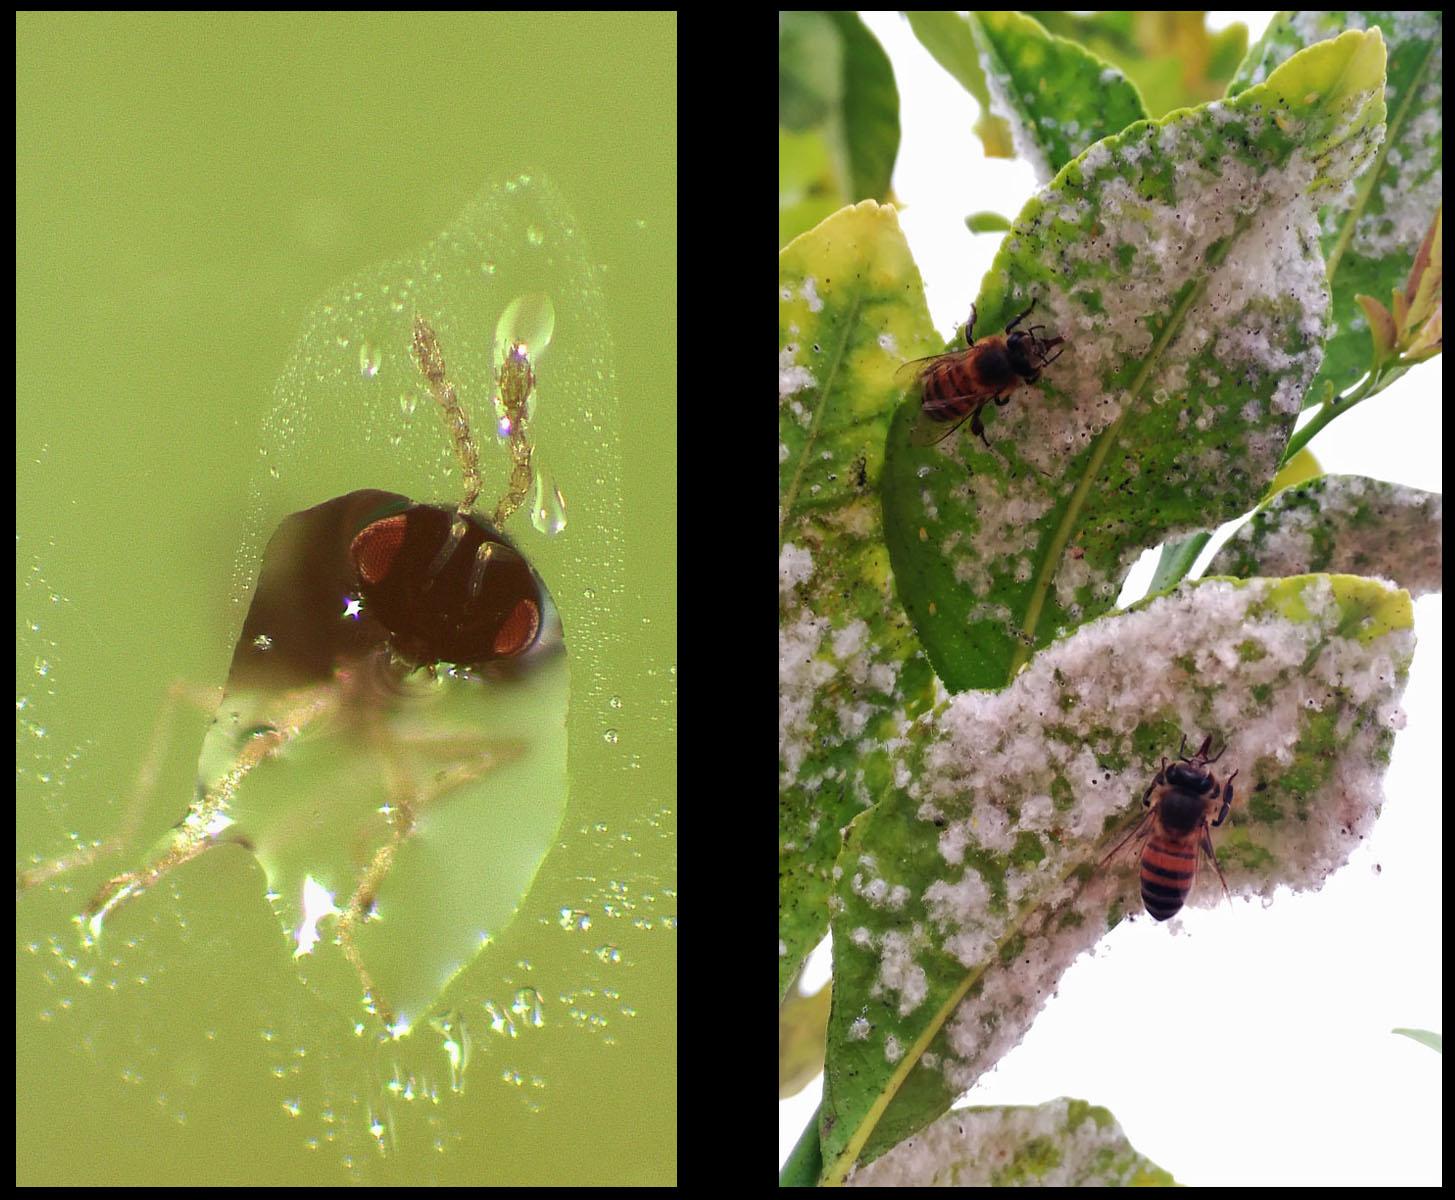 A un lado un parasitoide y al otro abejas, dos ejemplos de seres vivos que se alimentan de melaza.  Imagen: Universidad de Valencia